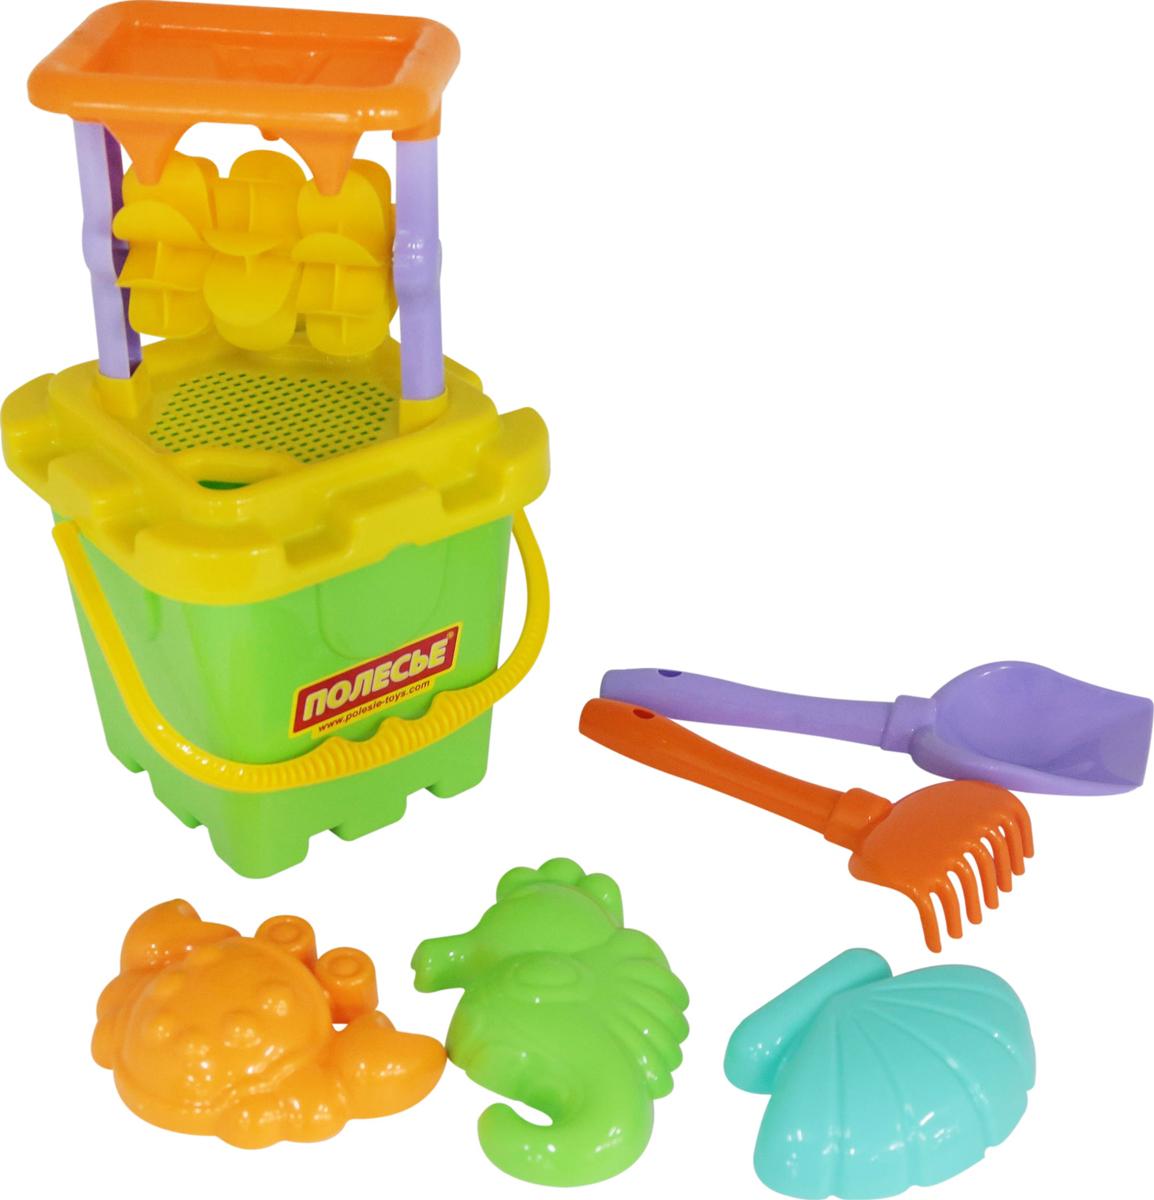 Полесье Набор игрушек для песочницы №283 полесье набор игрушек для песочницы 73